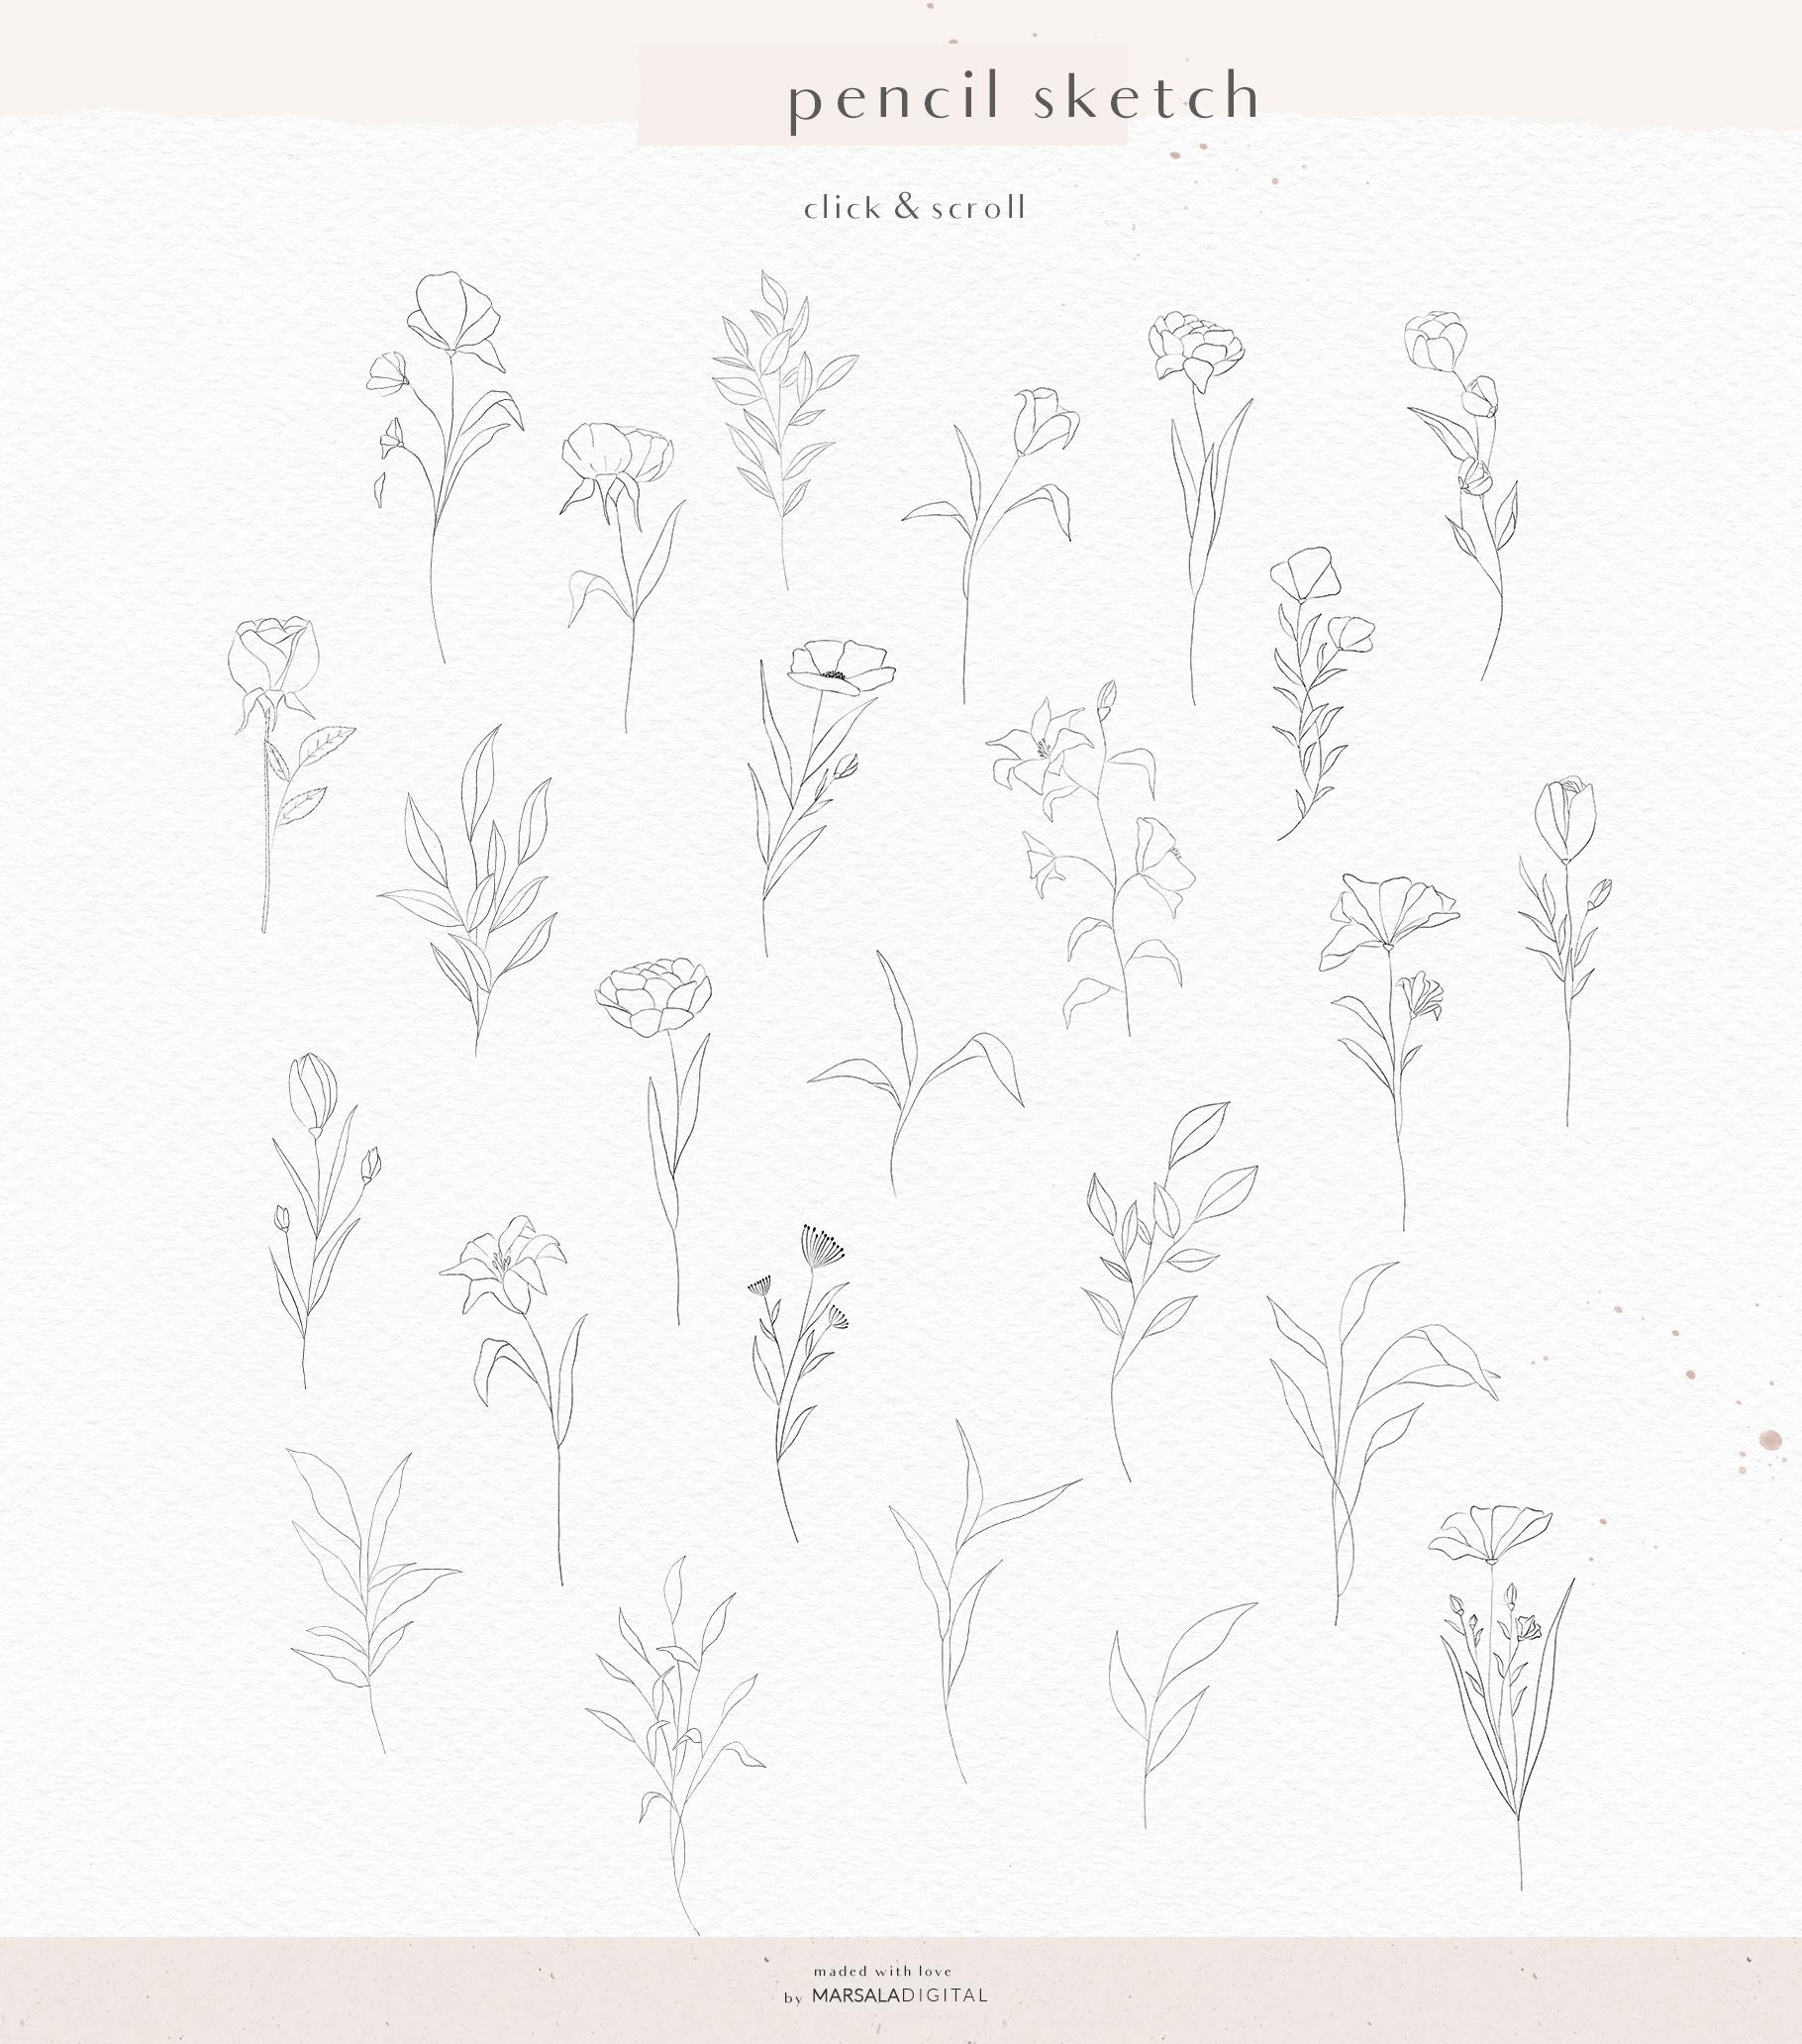 Floral Pencil Sketches Line Art - La fleur example image 7